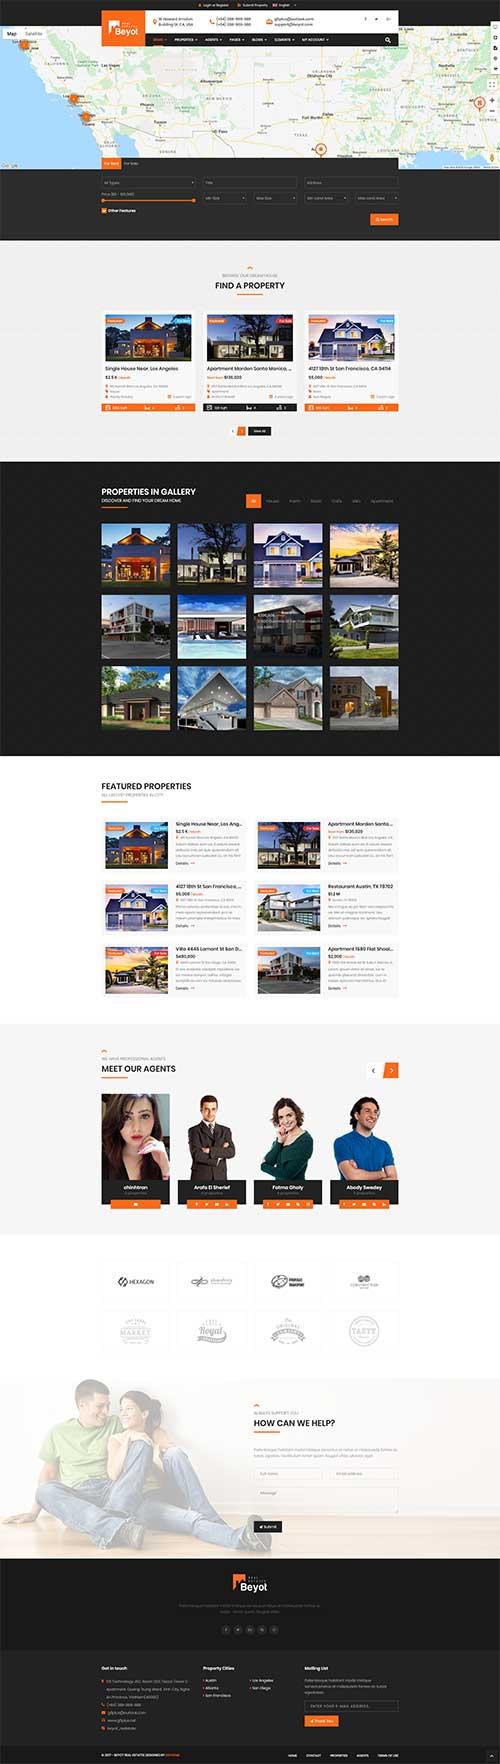 Mẫu web Bán và cho thuê bất động sản bắt mắt